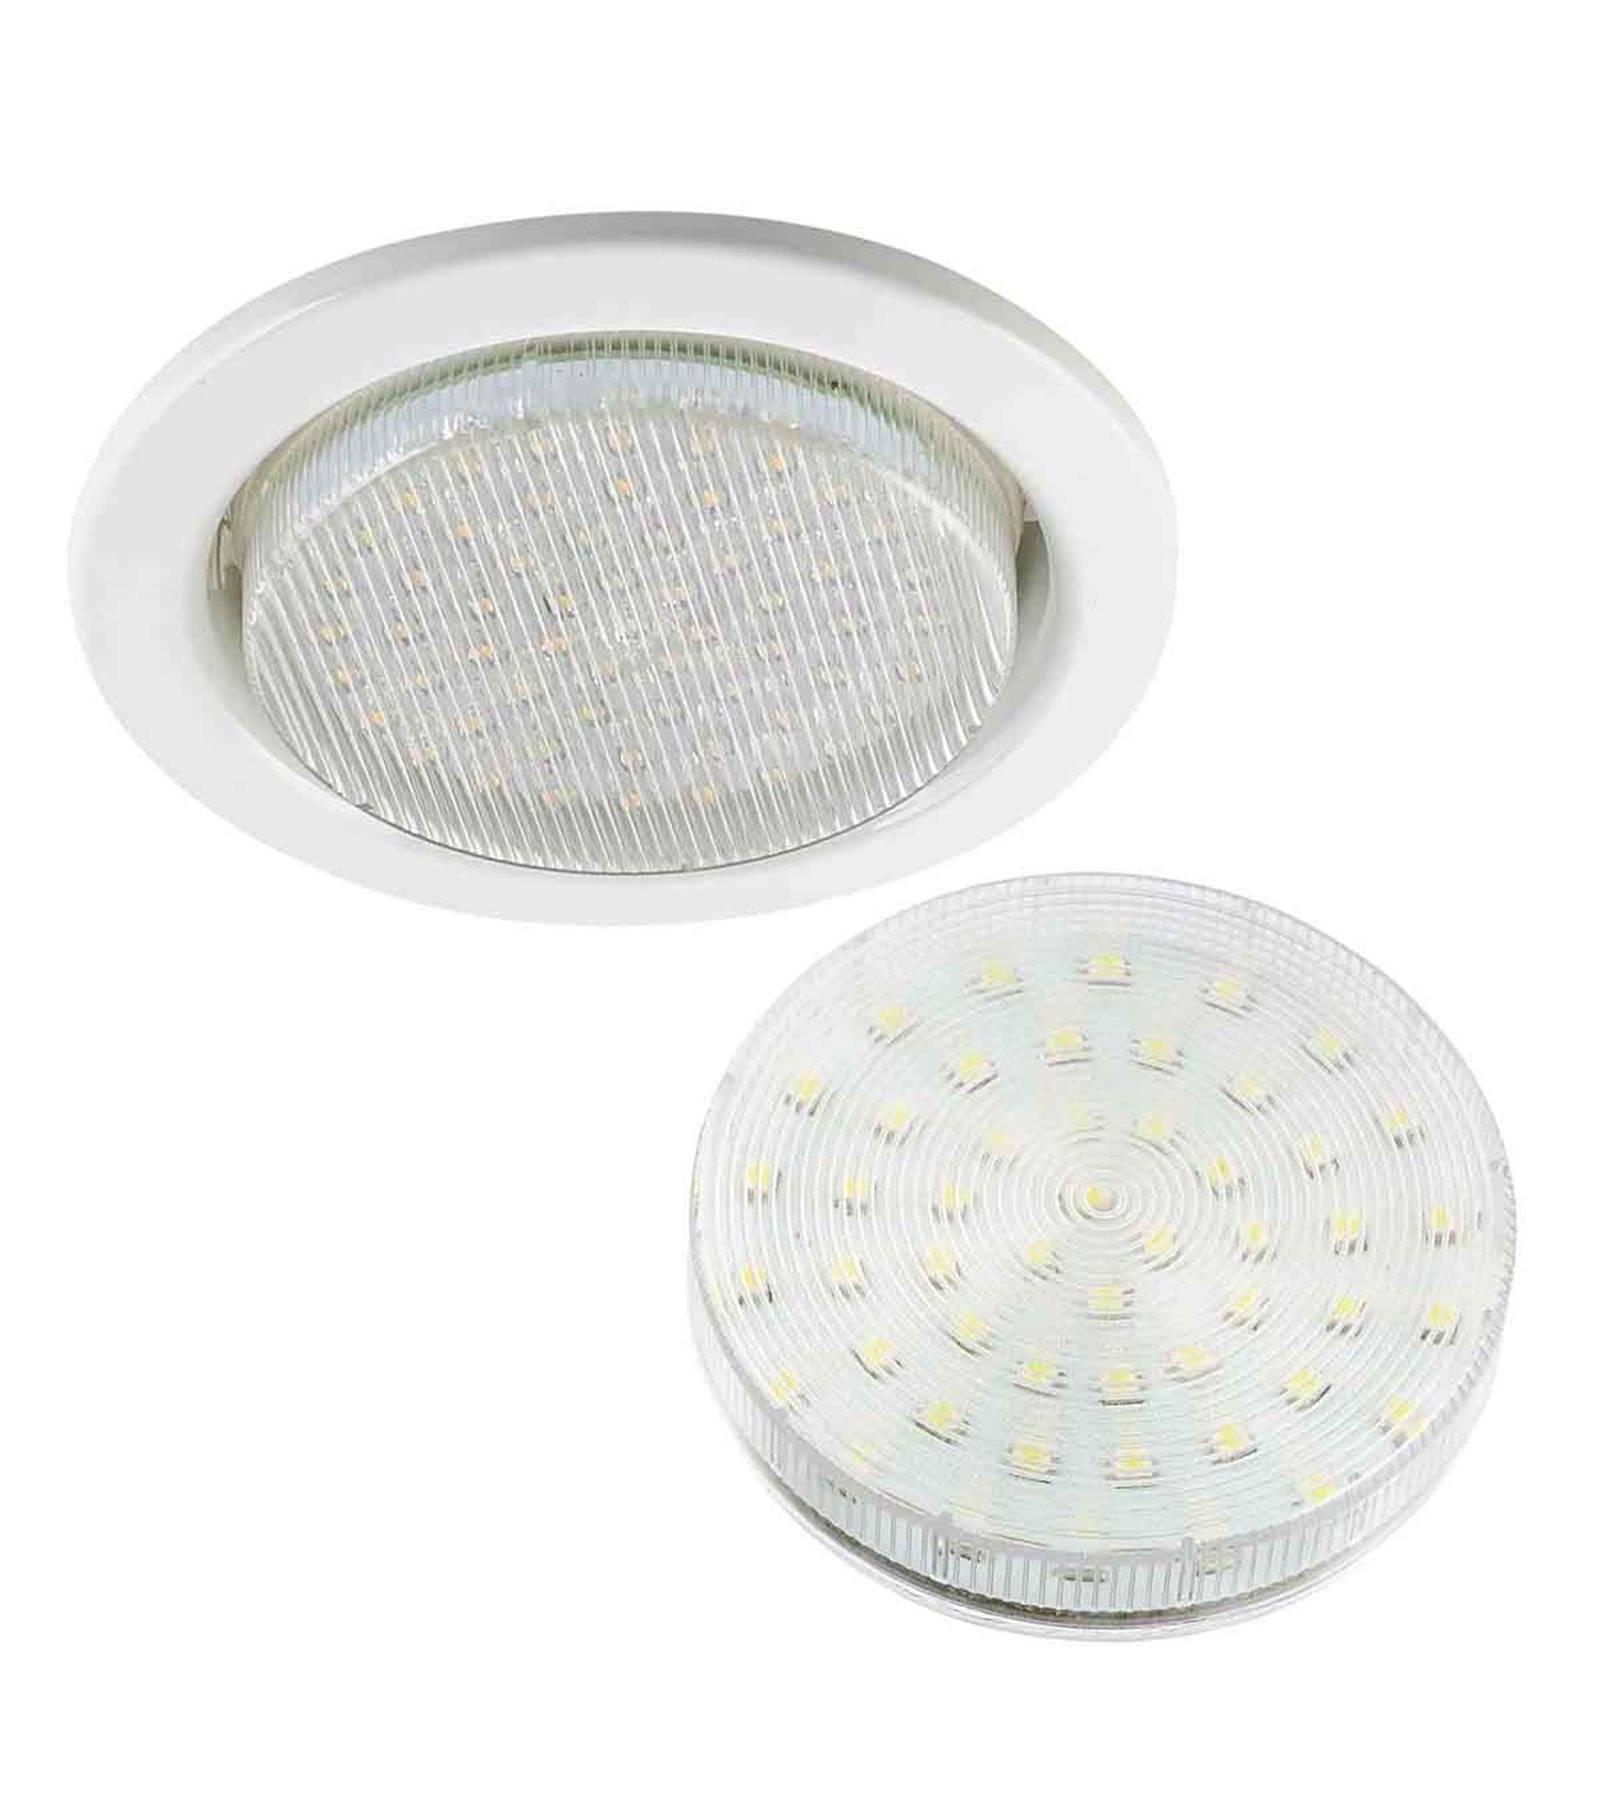 Hipow GX53 Spot encastrable rond blanc livré avec ampoule GX53 220V